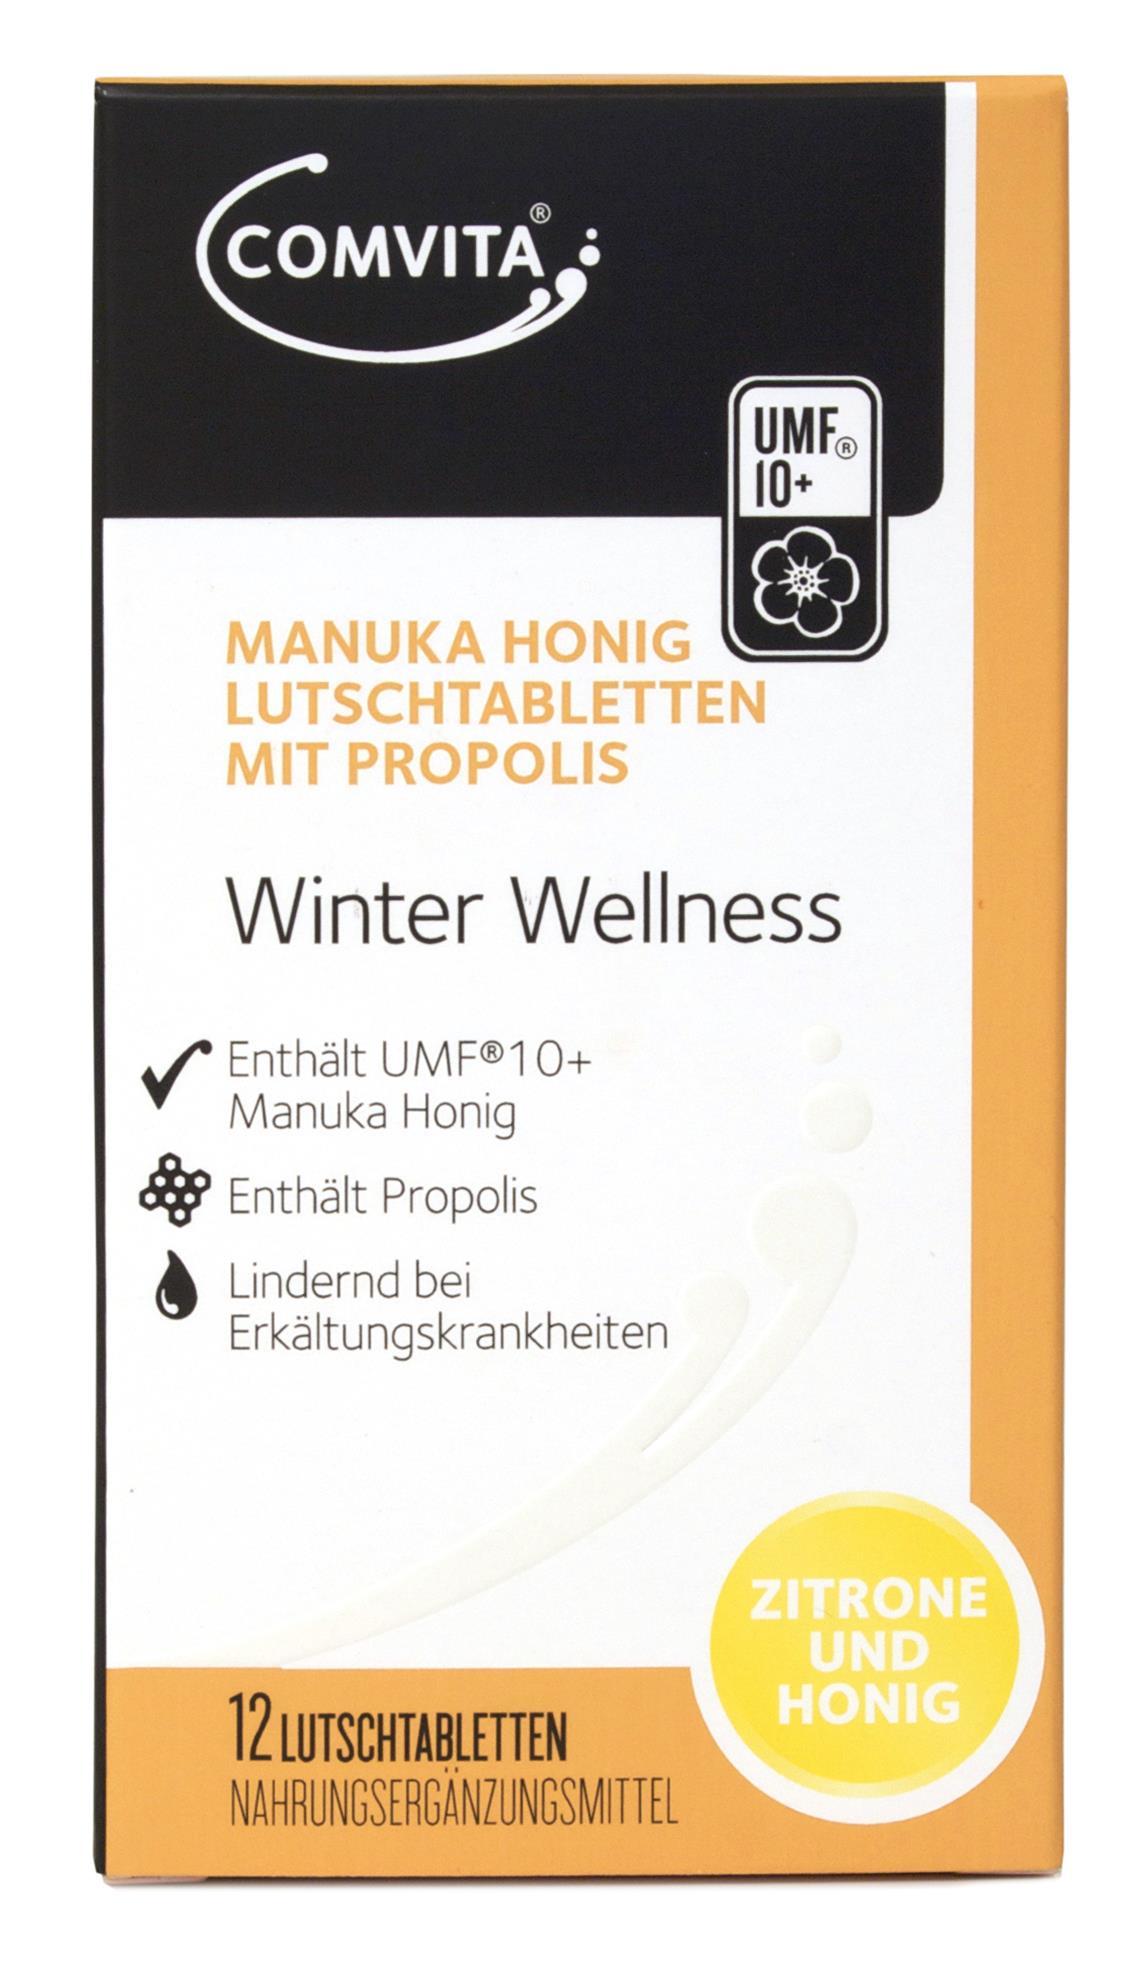 Manuka Honig Lutschtabletten mit Zitrone